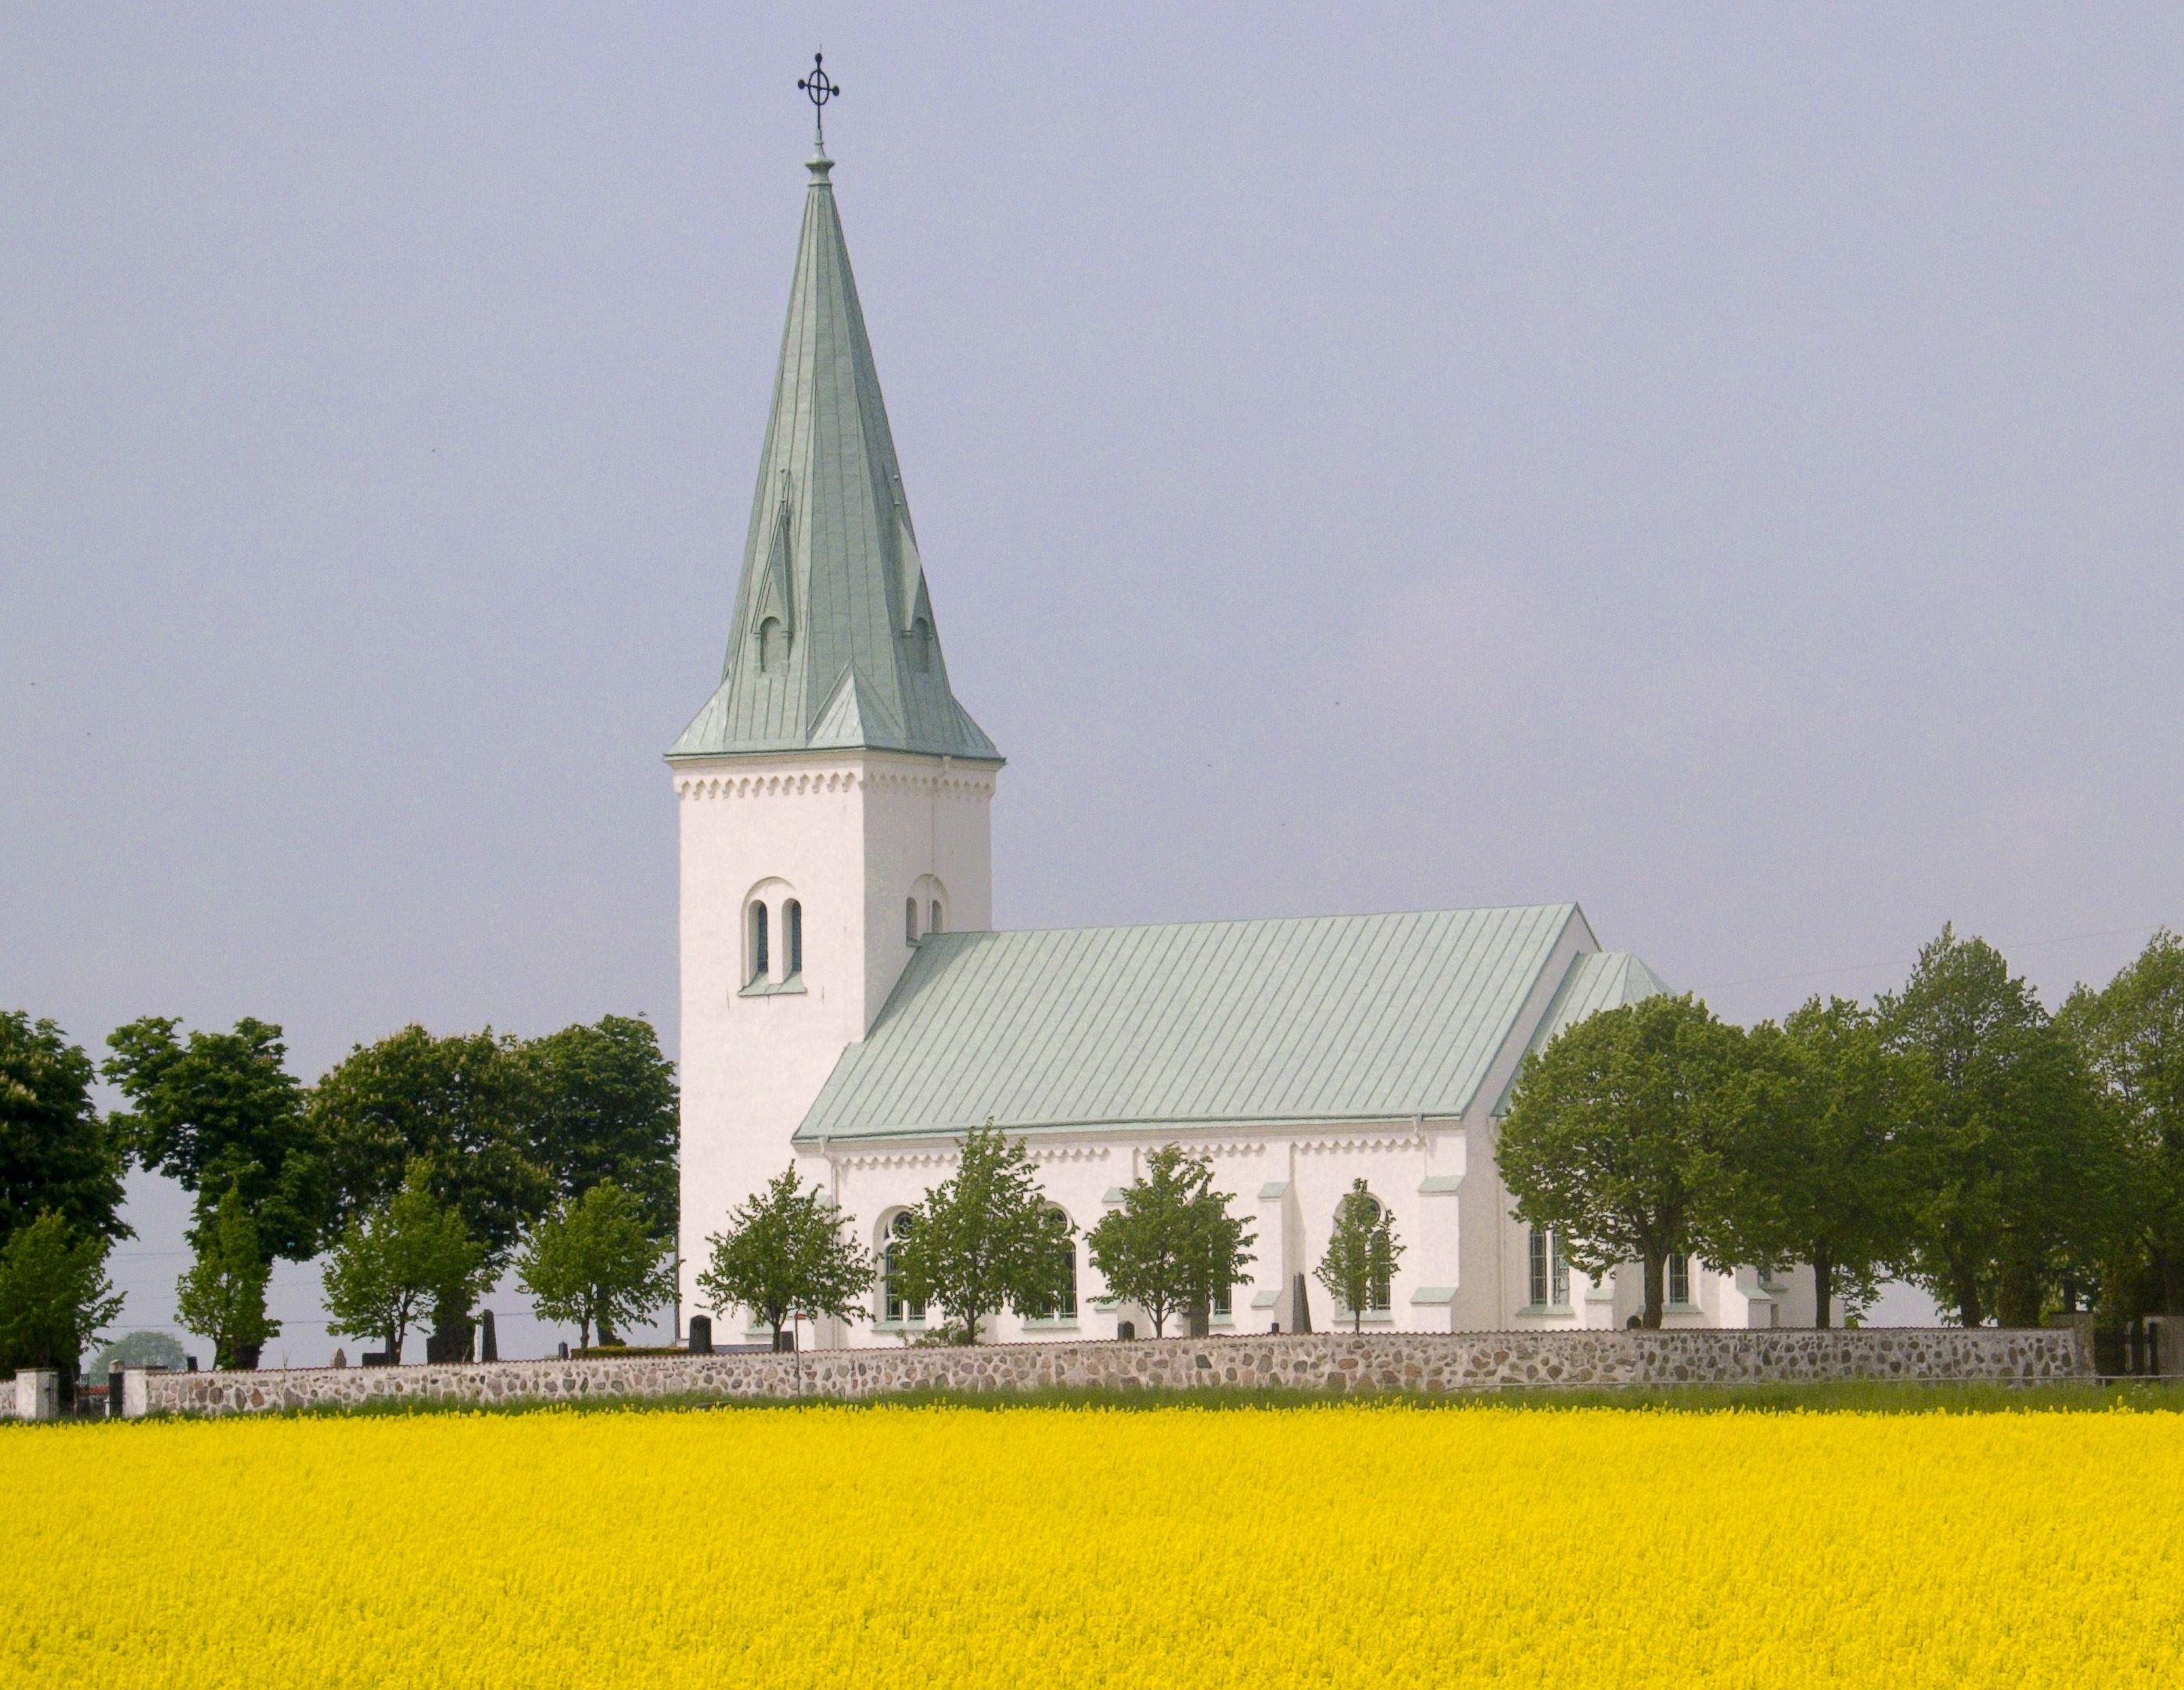 Södra Åkarps kyrka